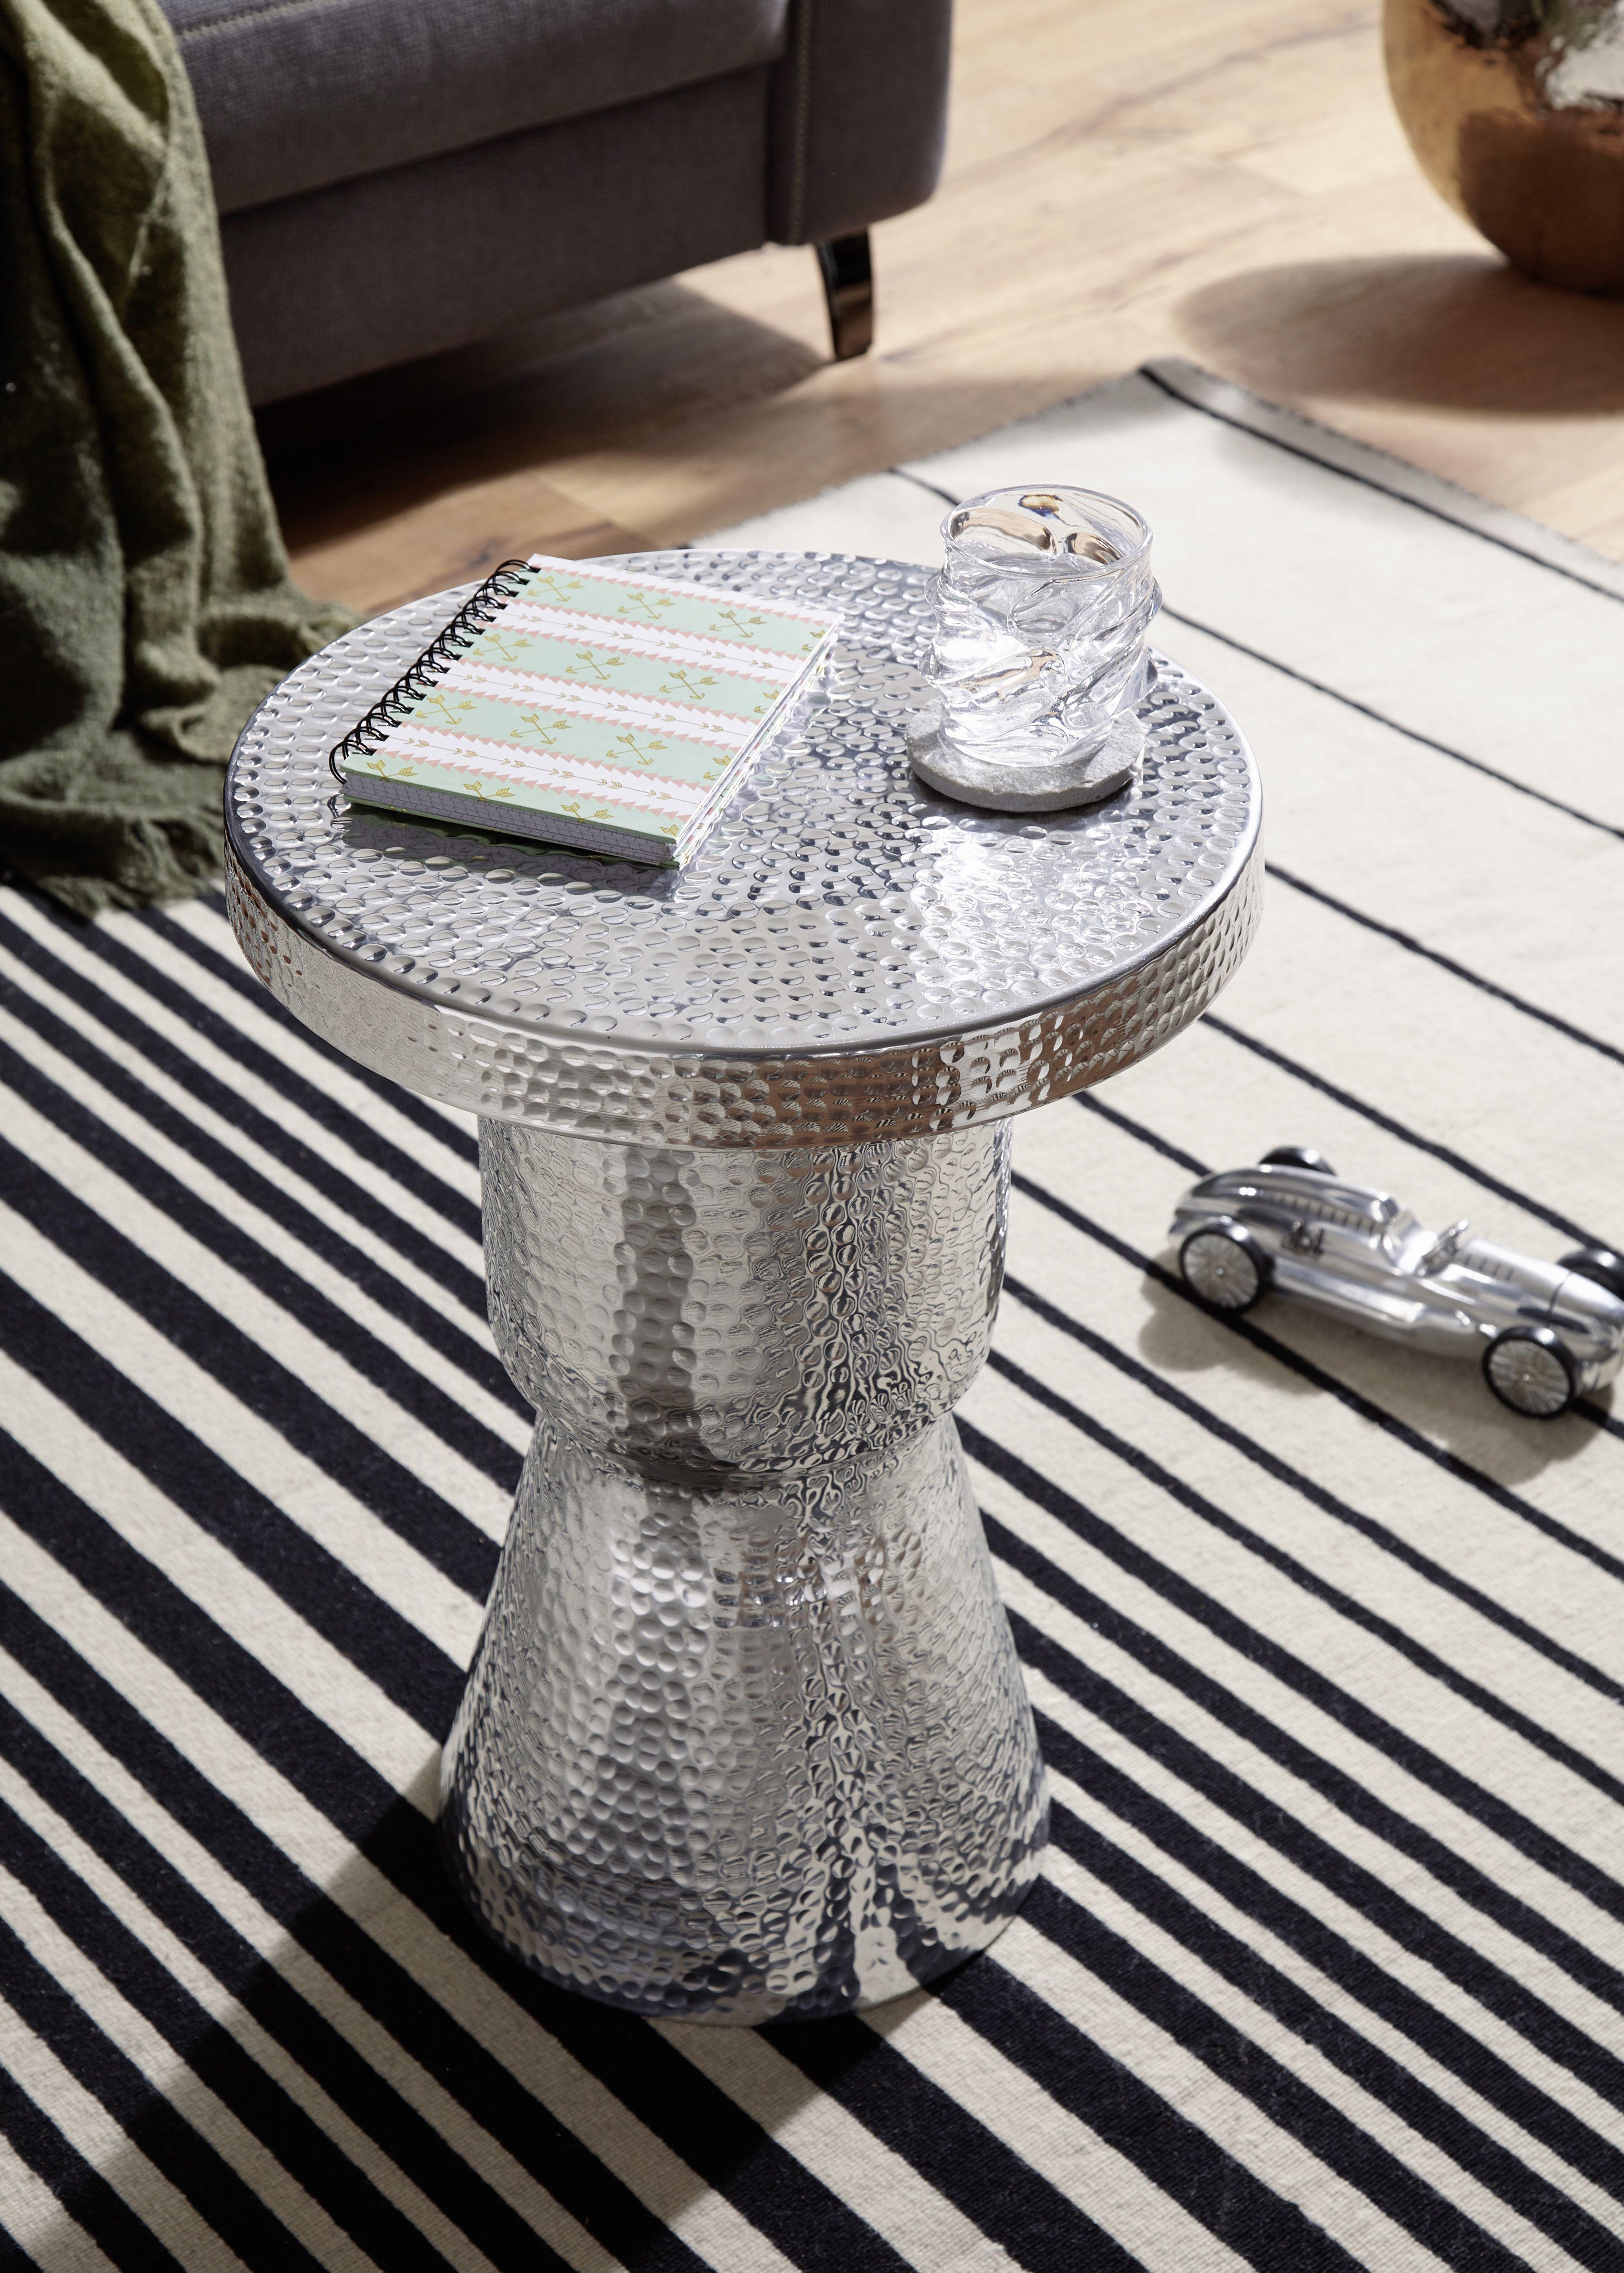 Wohnling Beistelltisch Delyla Silber Wl5 478 Aus Aluminium Silber Metall Wohnidee Dekoration Ablage Beistelltisch Rund Beistelltisch Design Beistelltisch